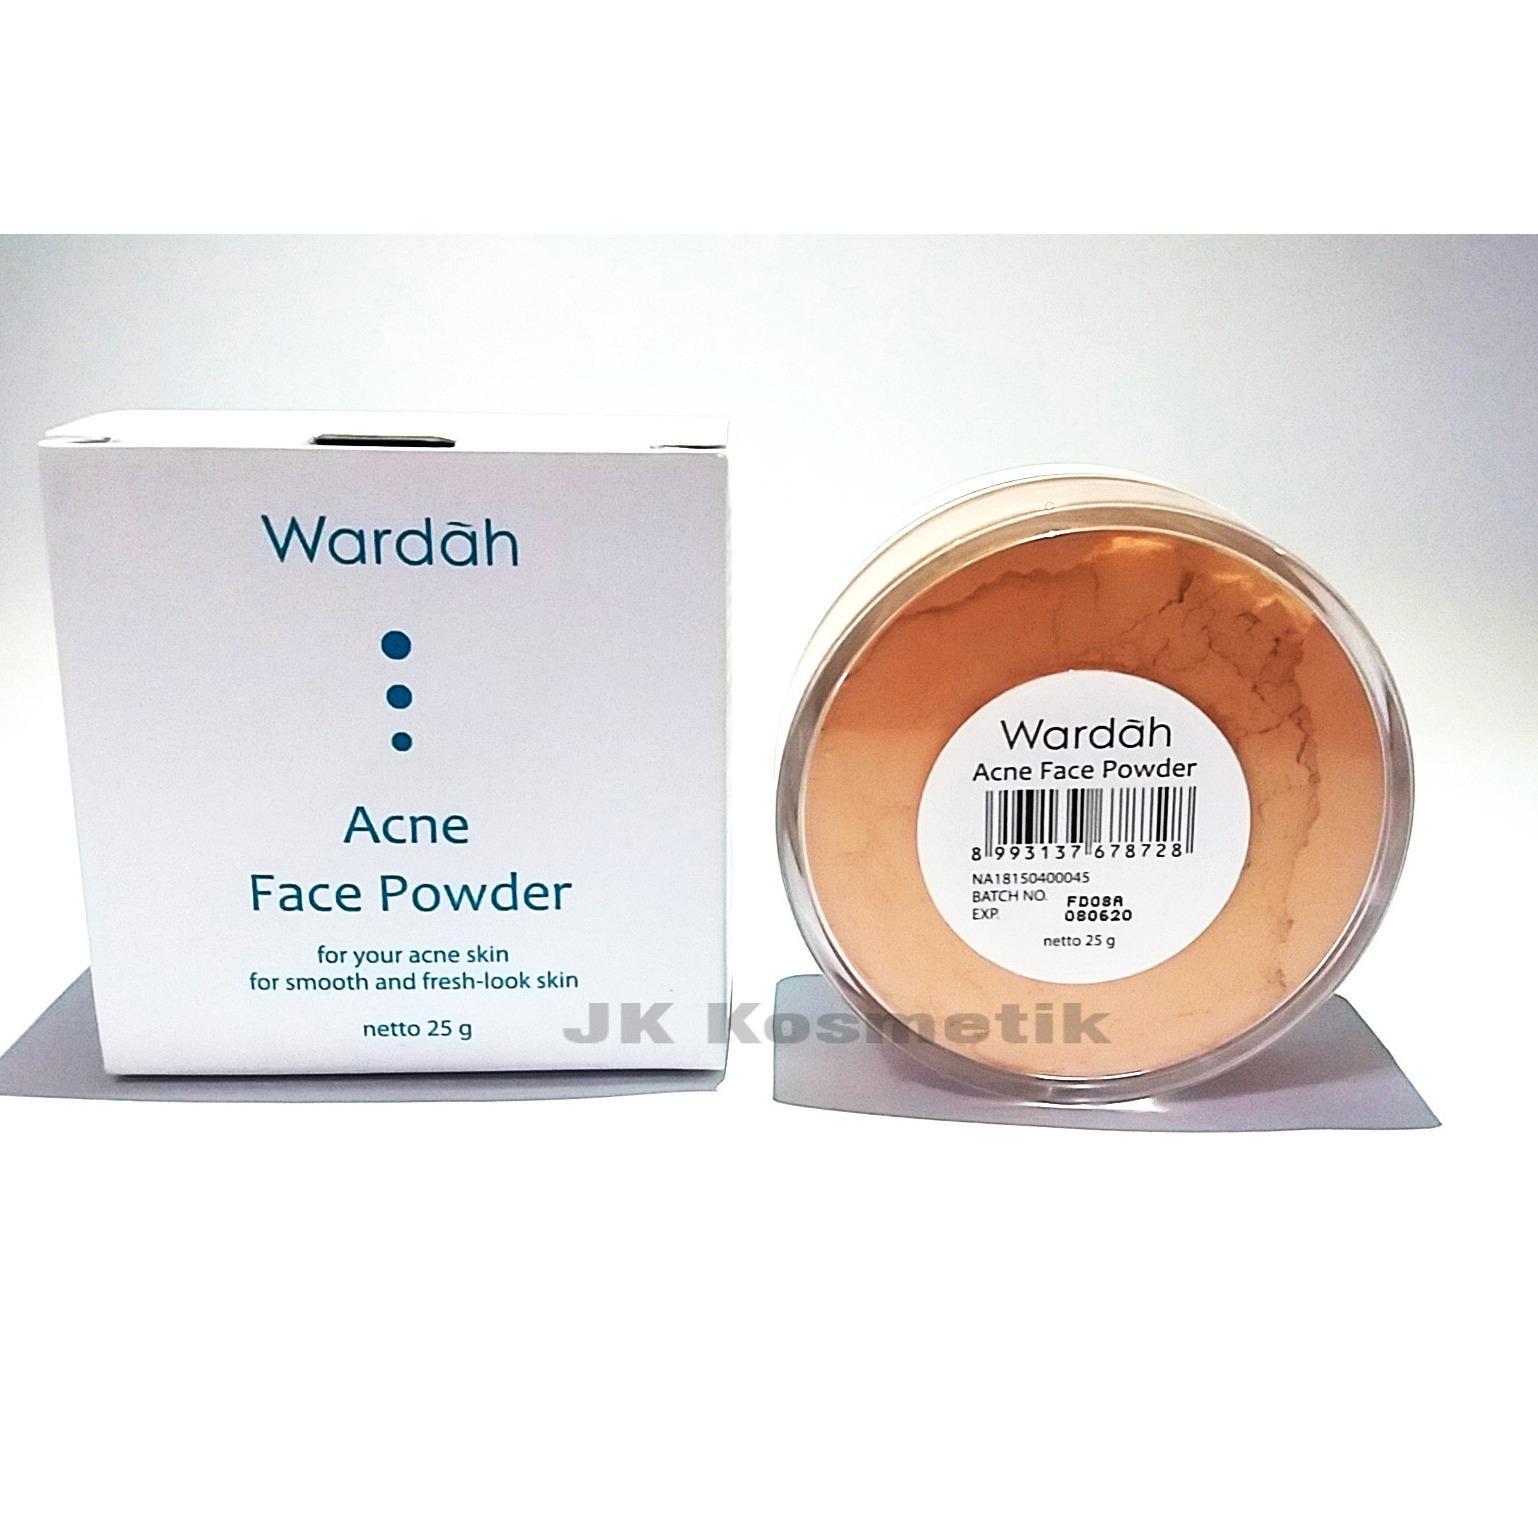 ... Wardah Acne Face Powder Bedak Tabur - 3